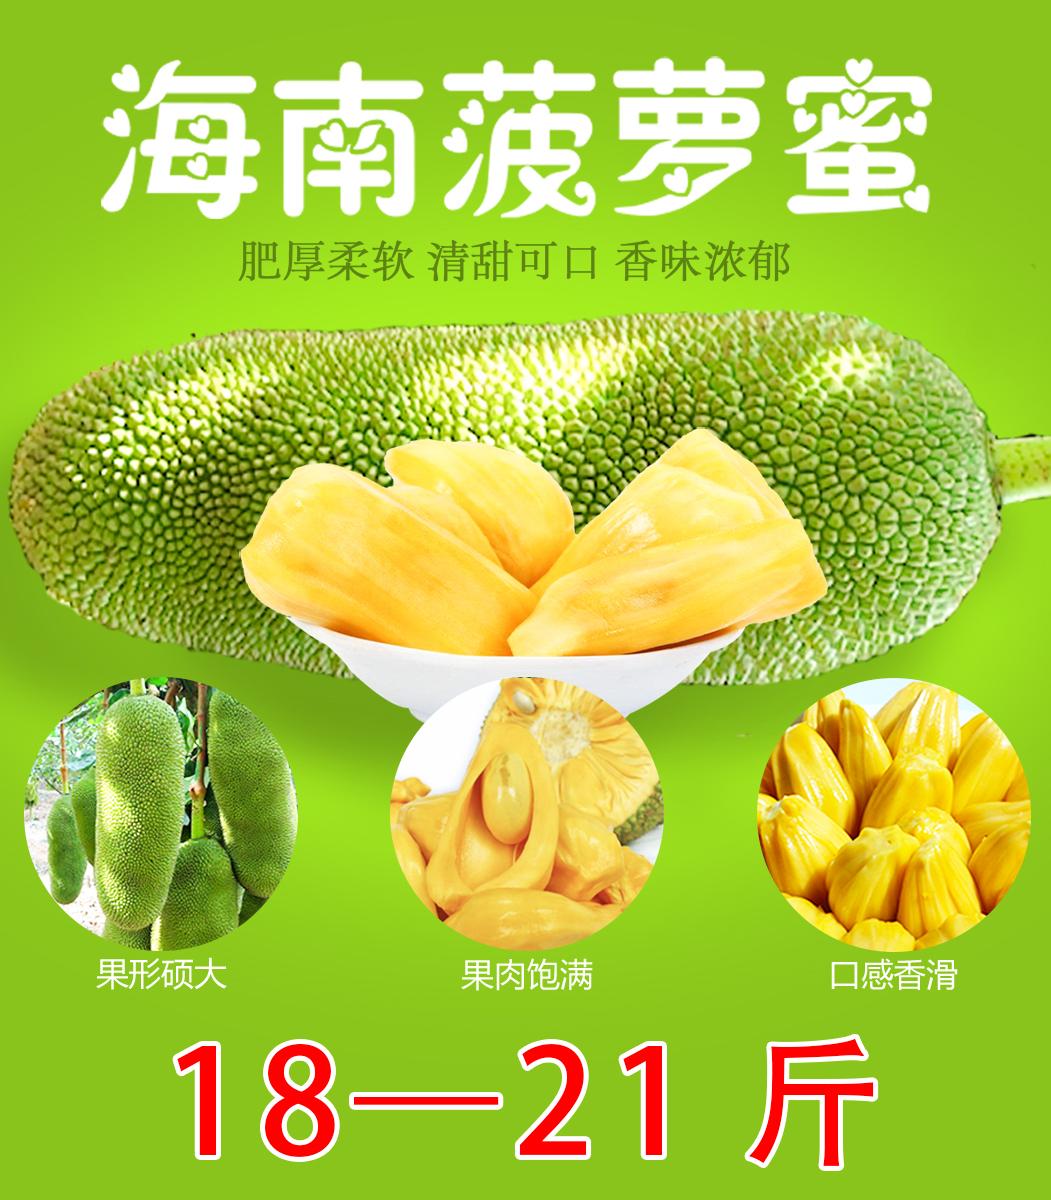 满180.00元可用1元优惠券18-21斤海南新鲜菠萝蜜